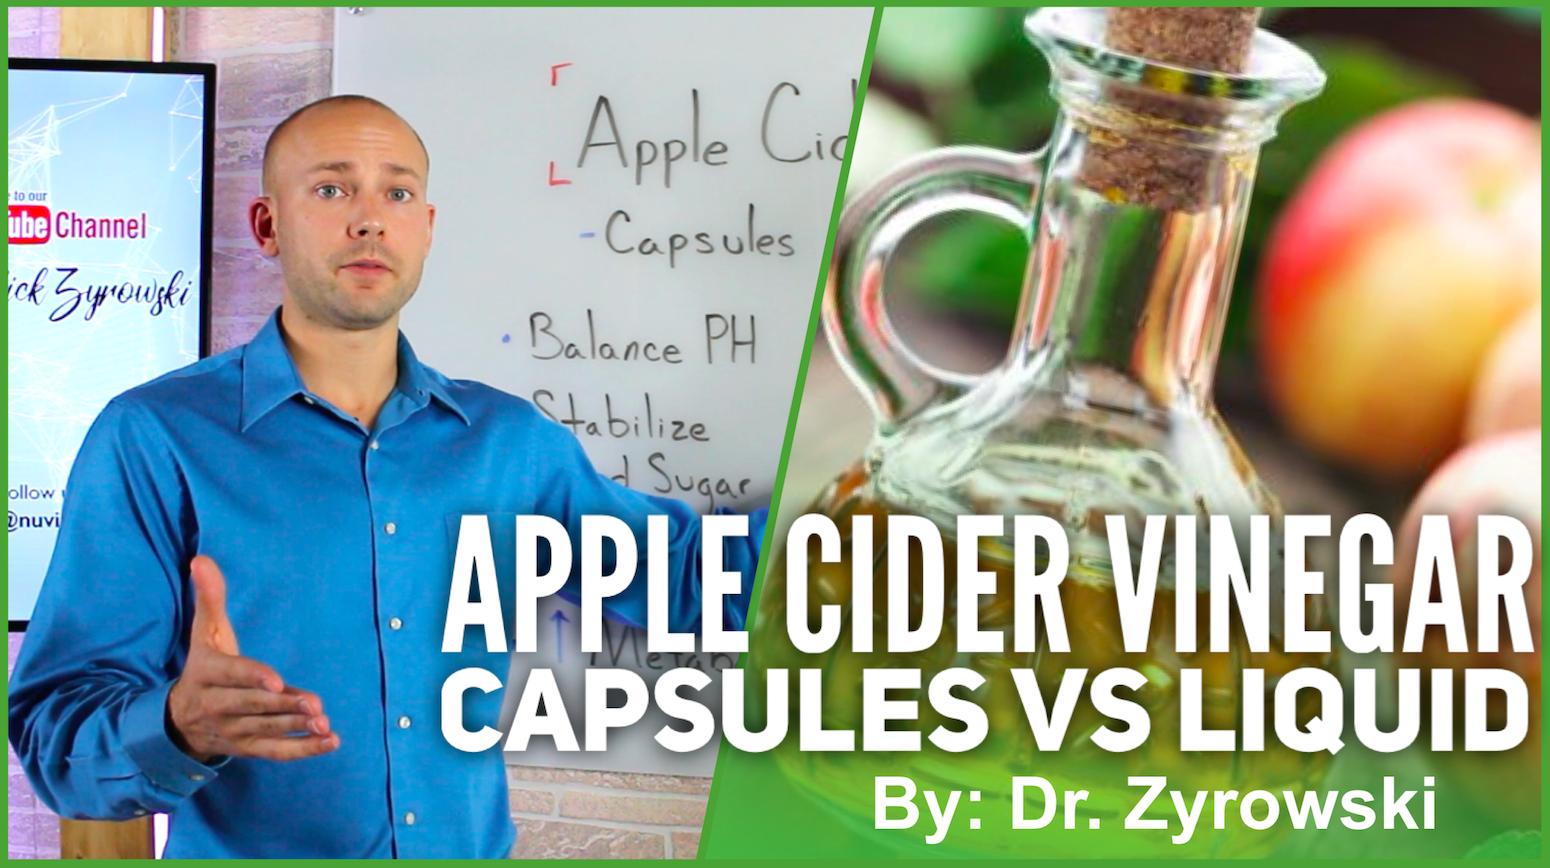 Apple Cider Vinegar Capsules Vs Liquid